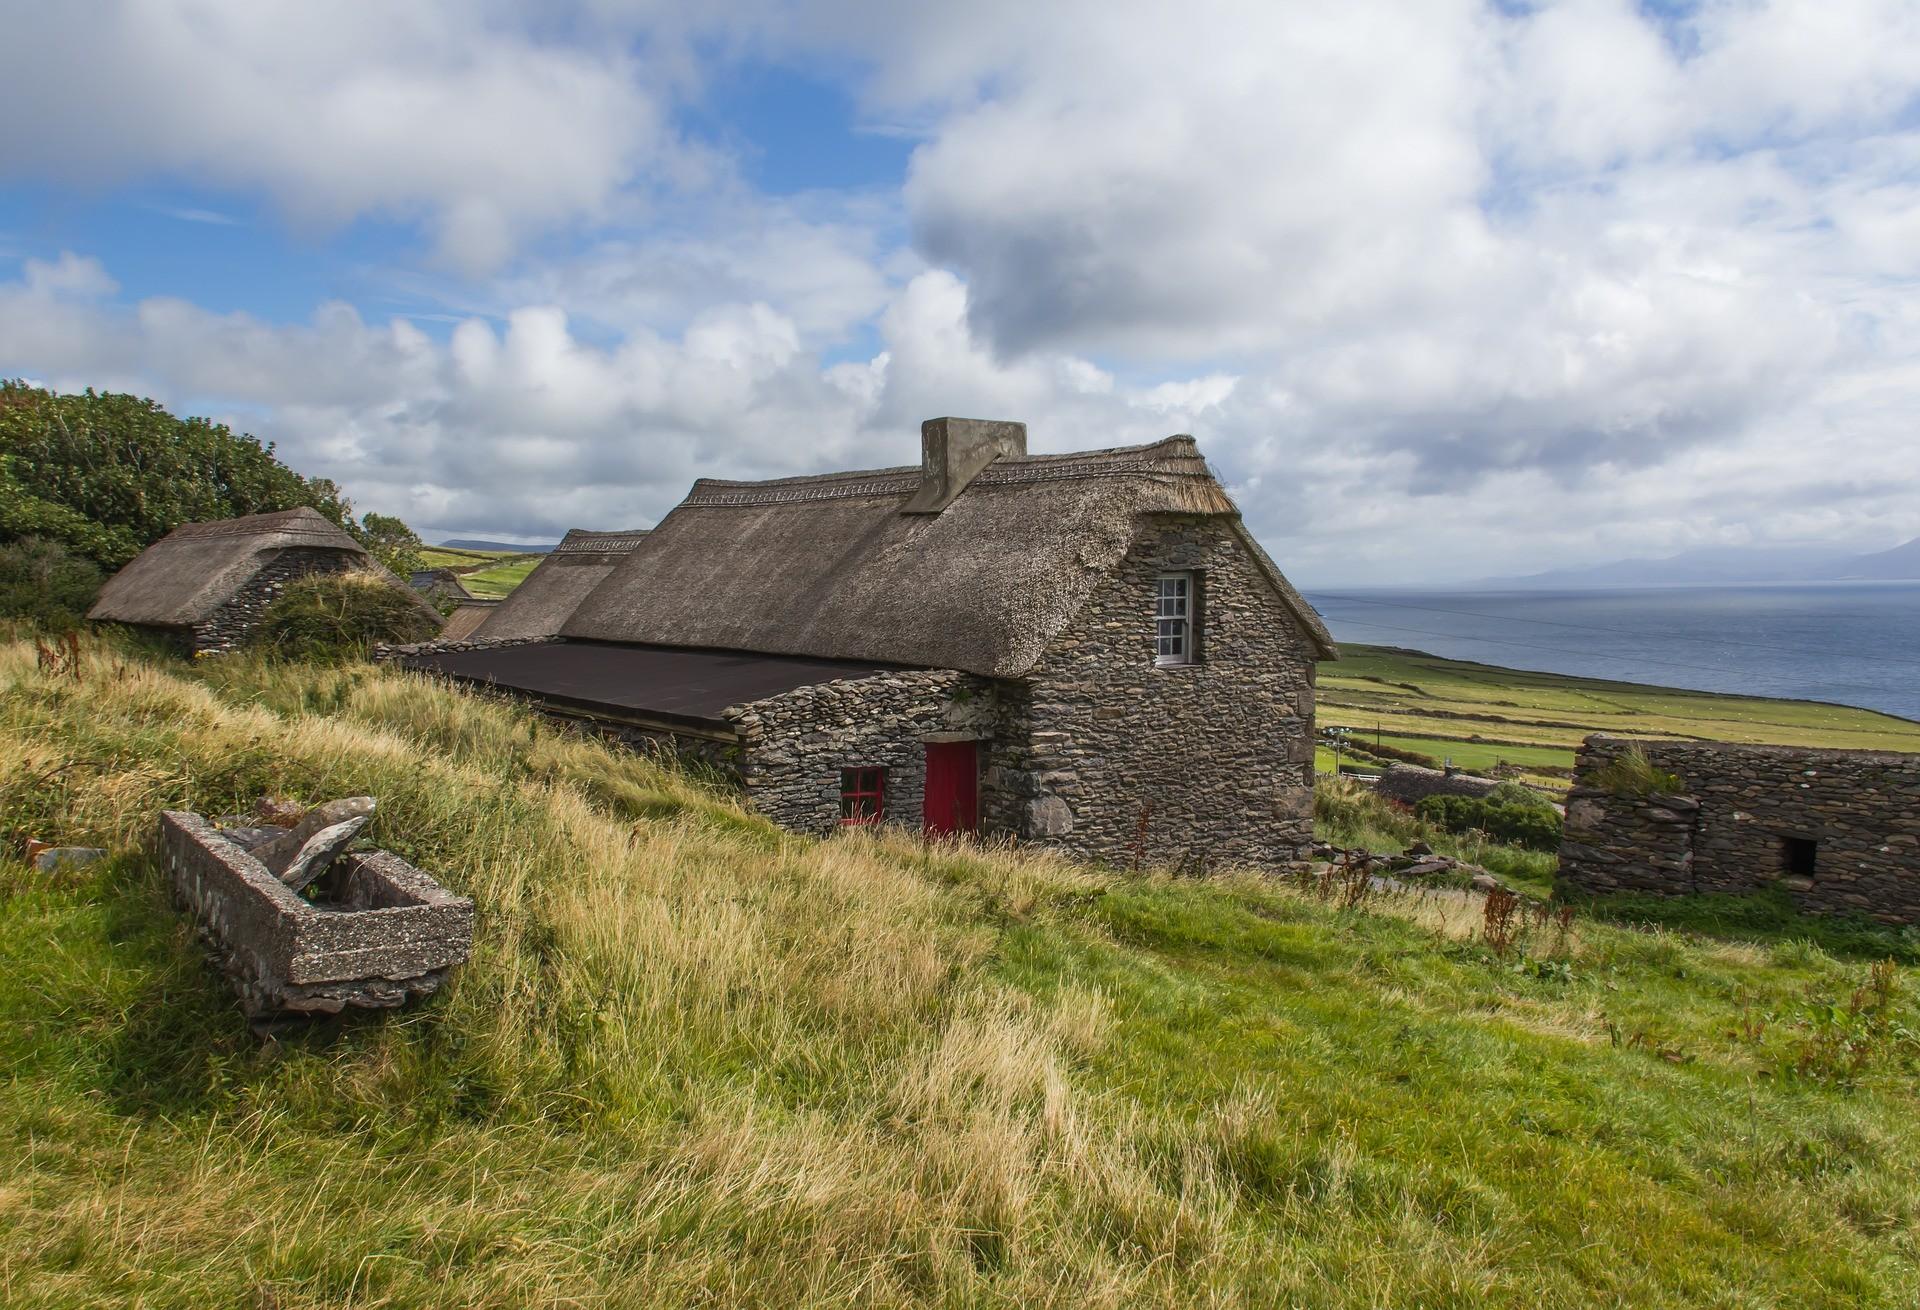 Paesaggio irlandese - Foto di wagrati_photo da Pixabay